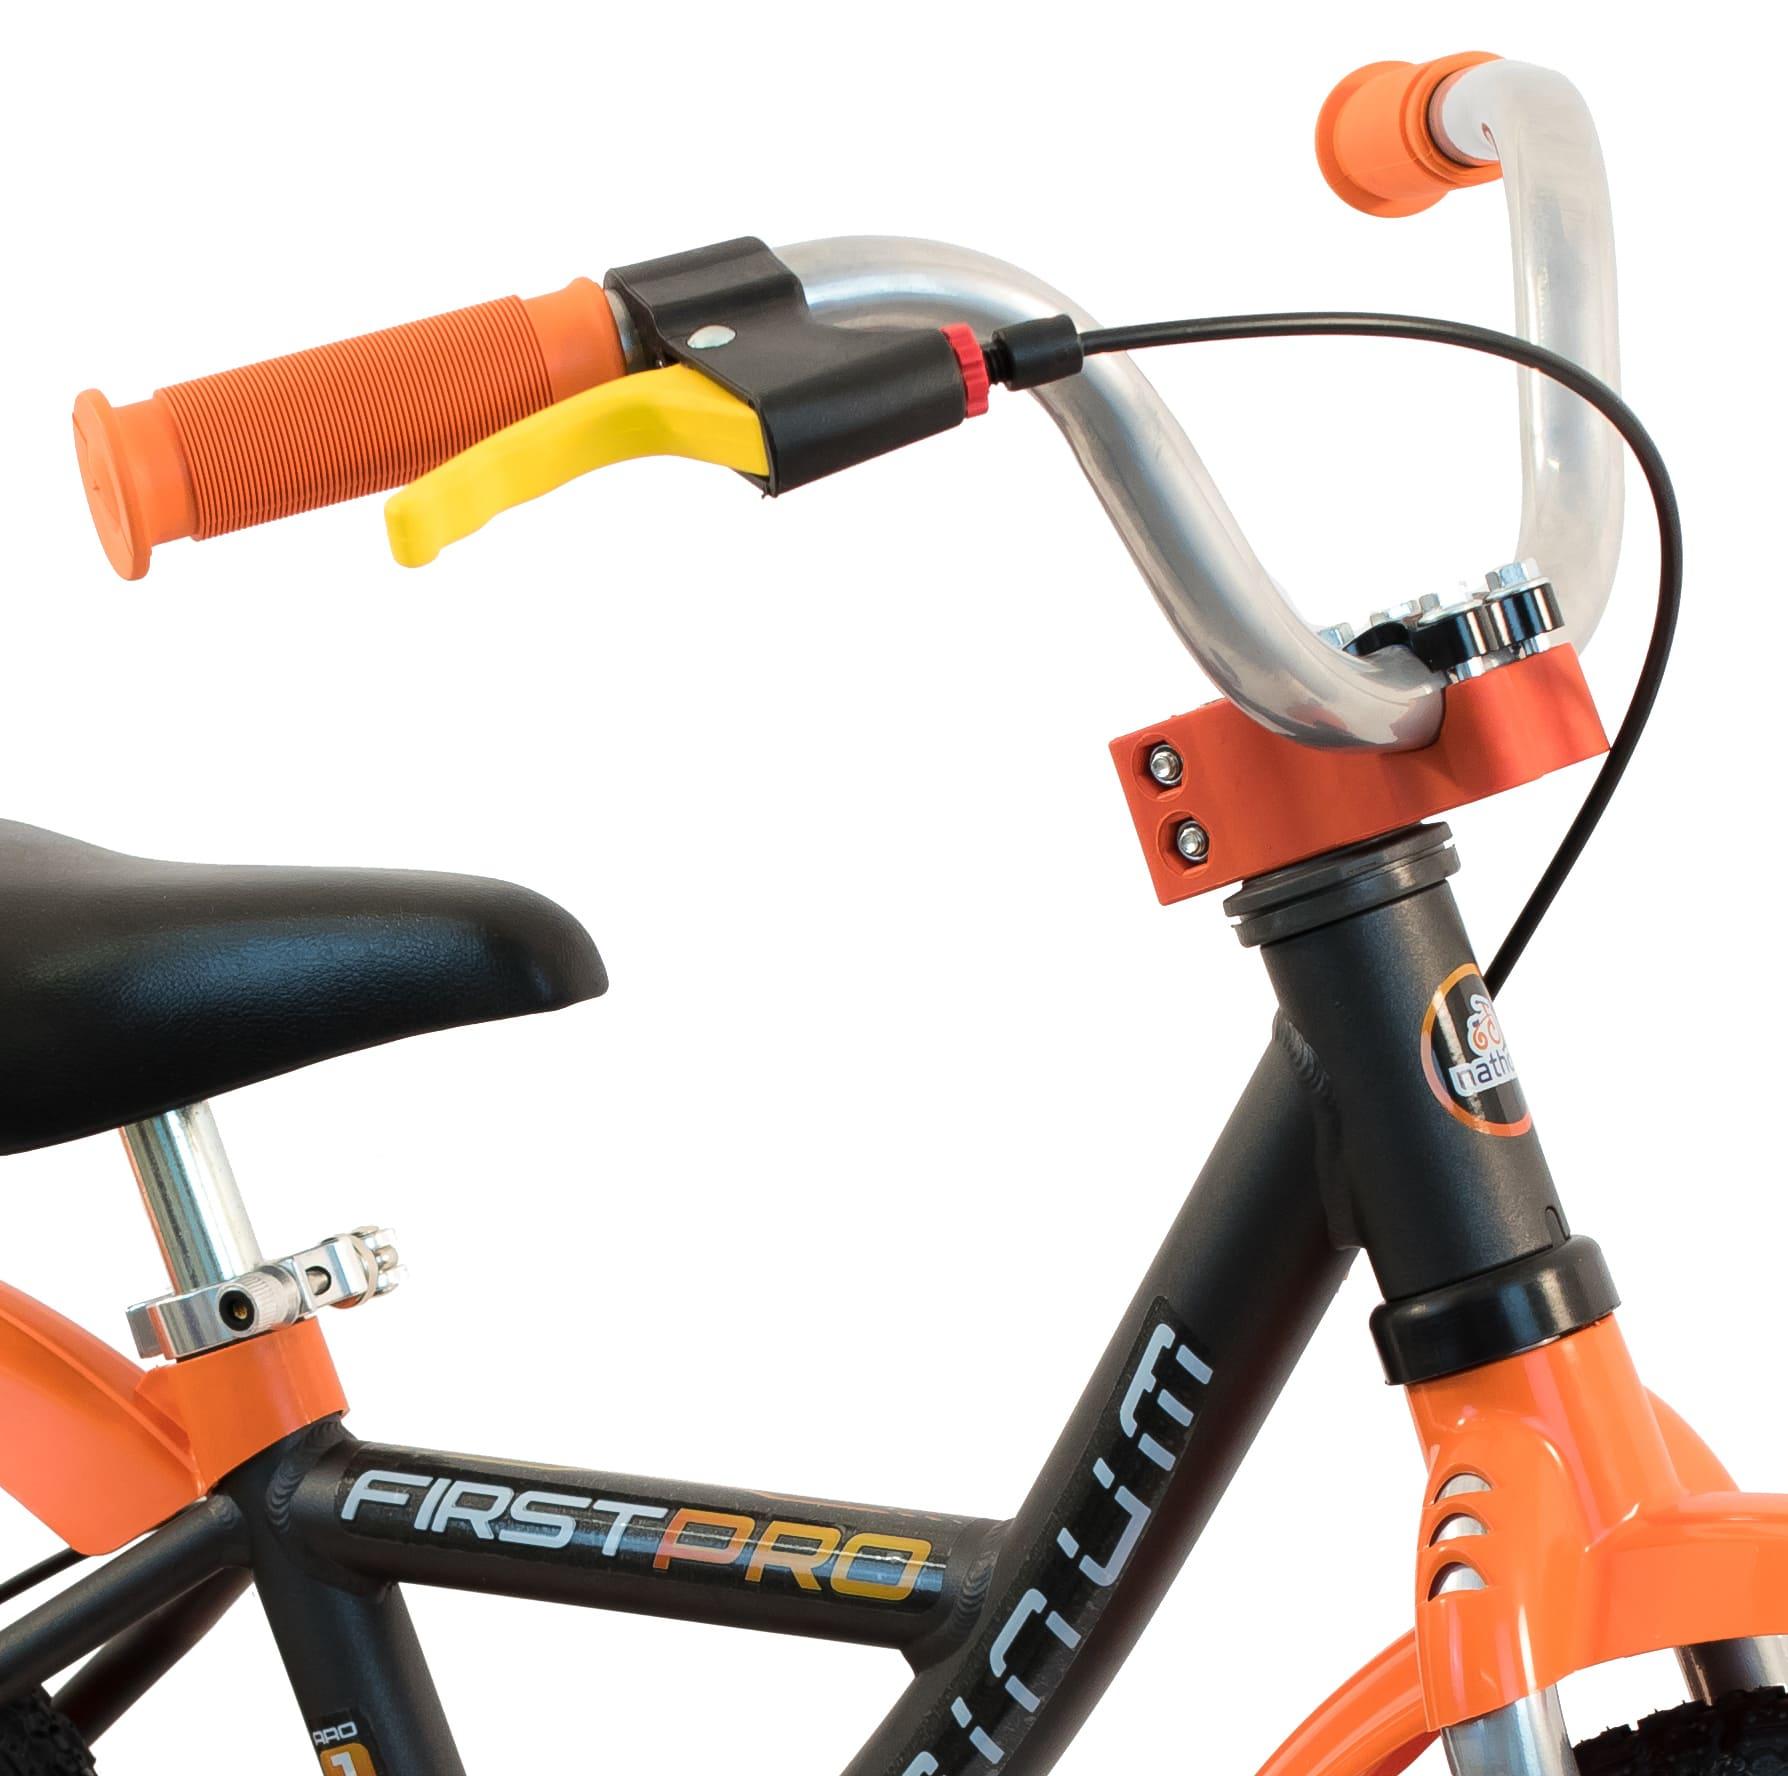 Bicicletas Infantil Aro 14 FirstPro - Masculino